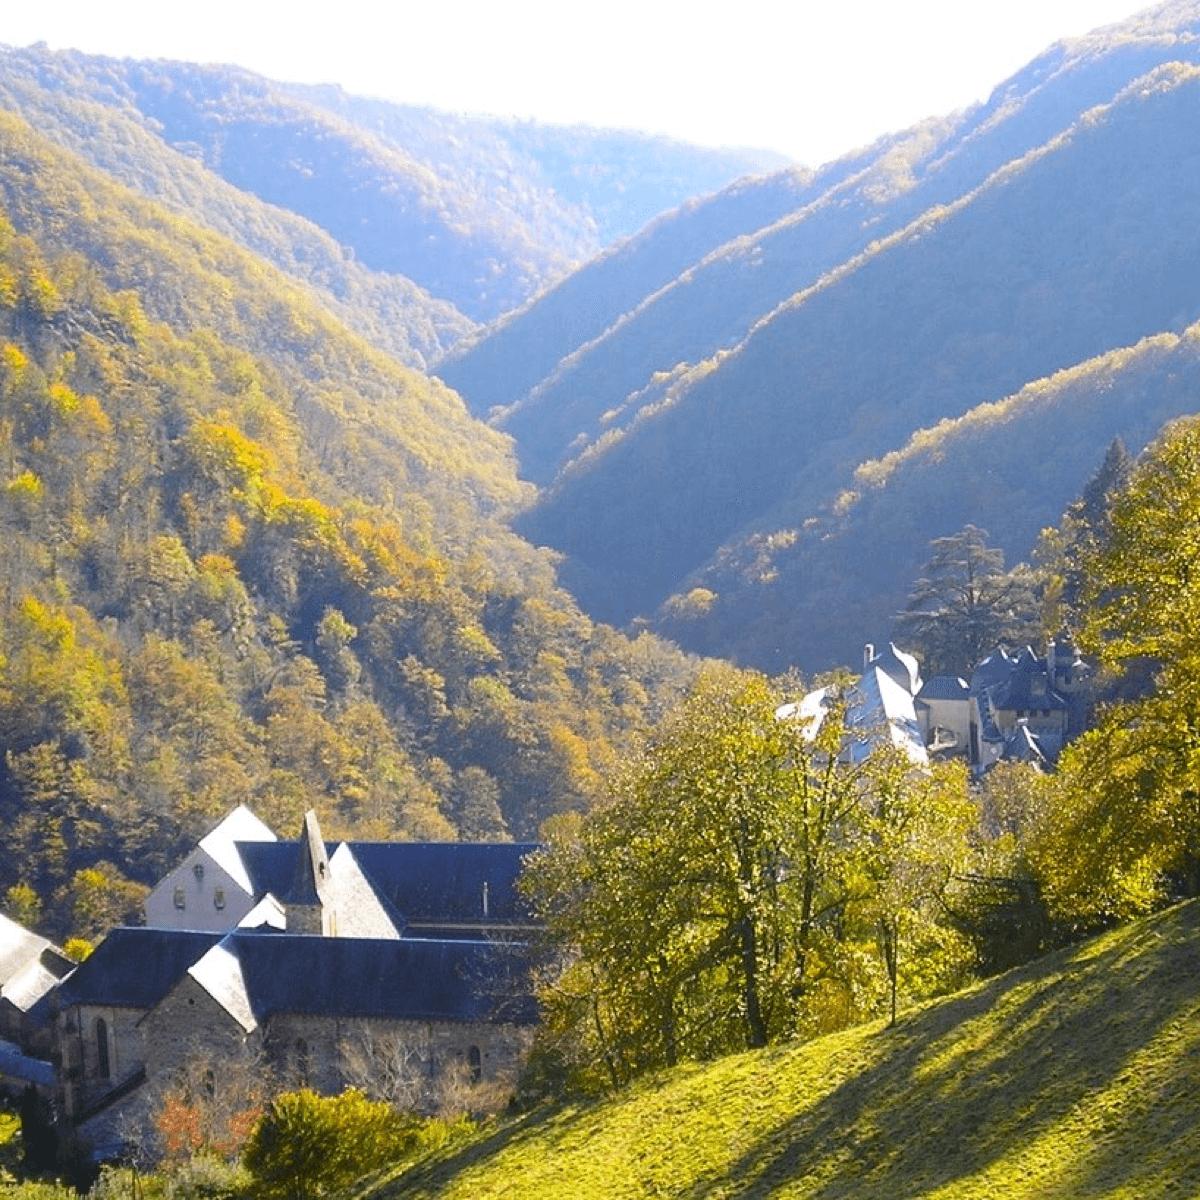 L'abbaye de Bonneval se trouve au creux d'un vallon, selon la tradition cistercienne